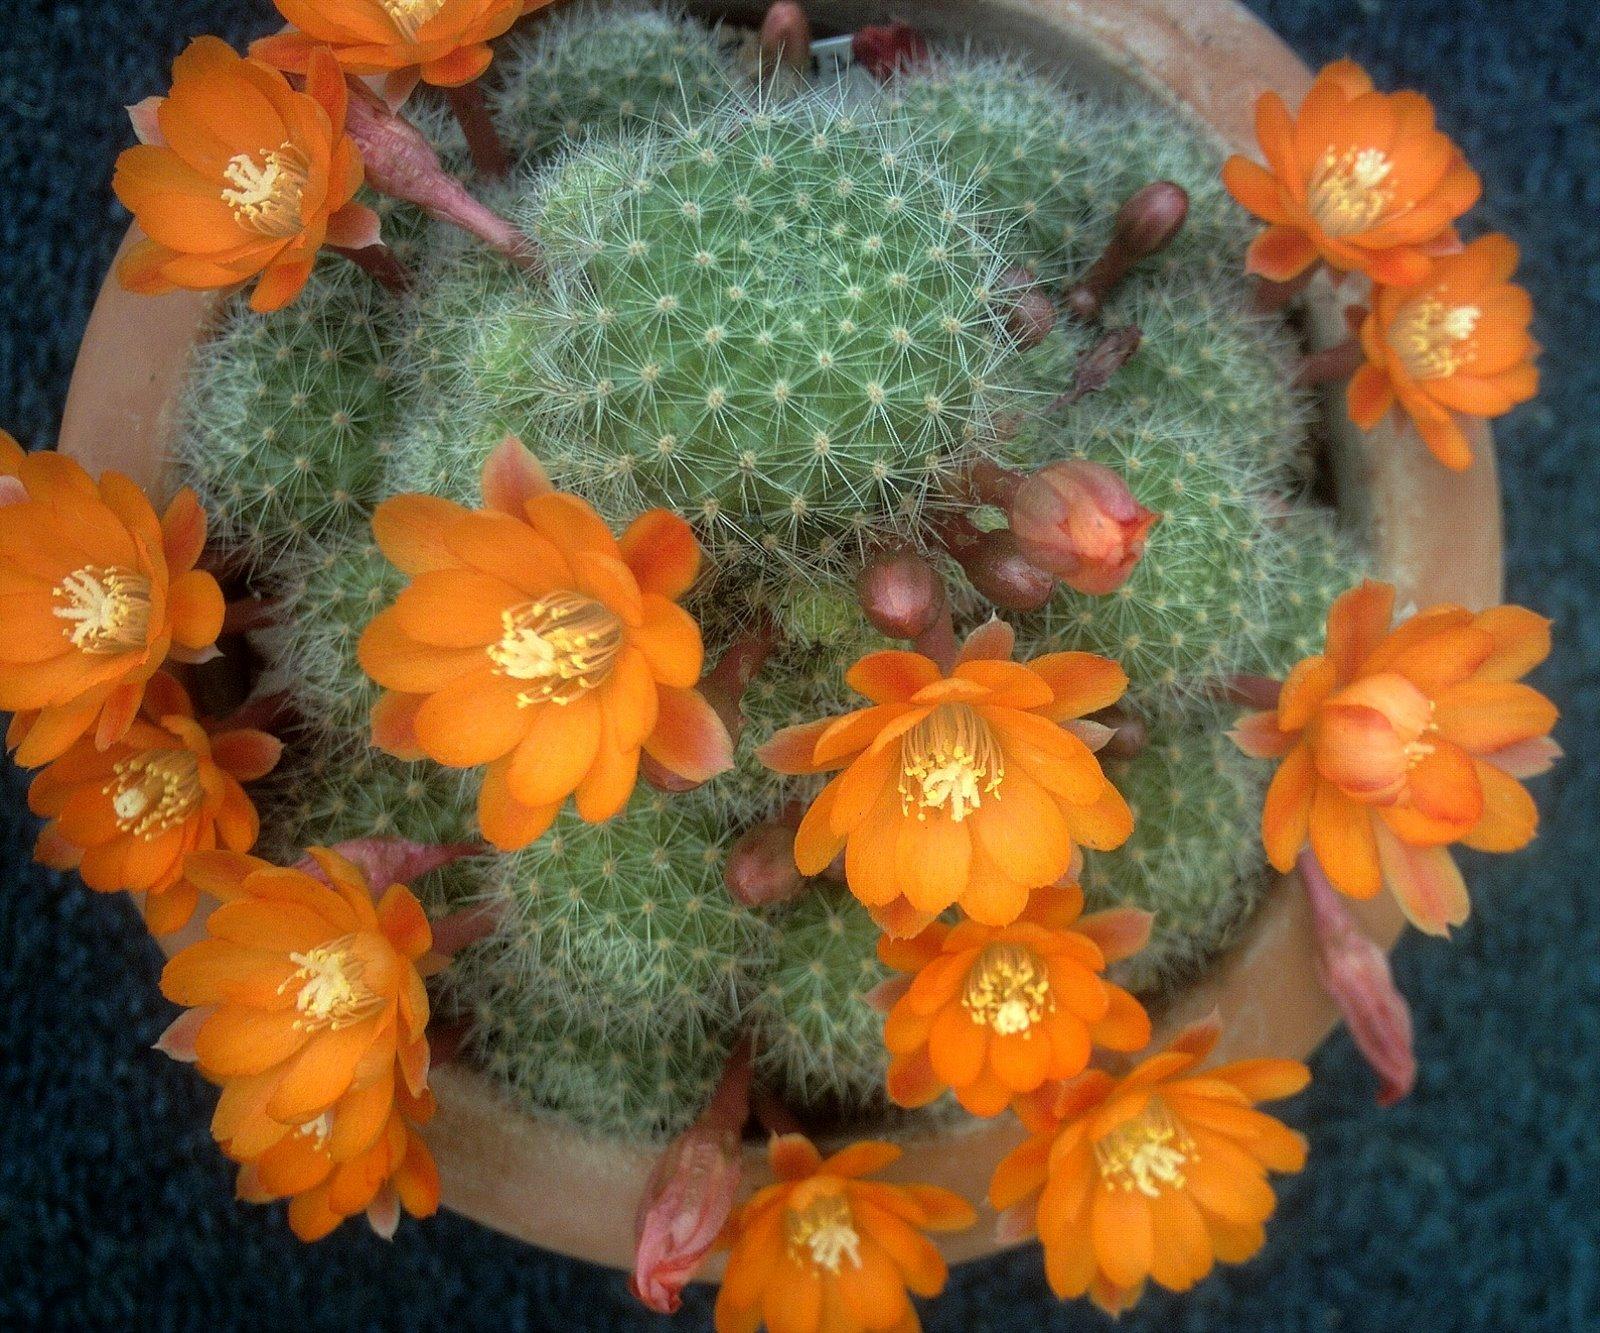 Gėlės nuotrauka. (Pavadinimas: Kaktusas rebutija)